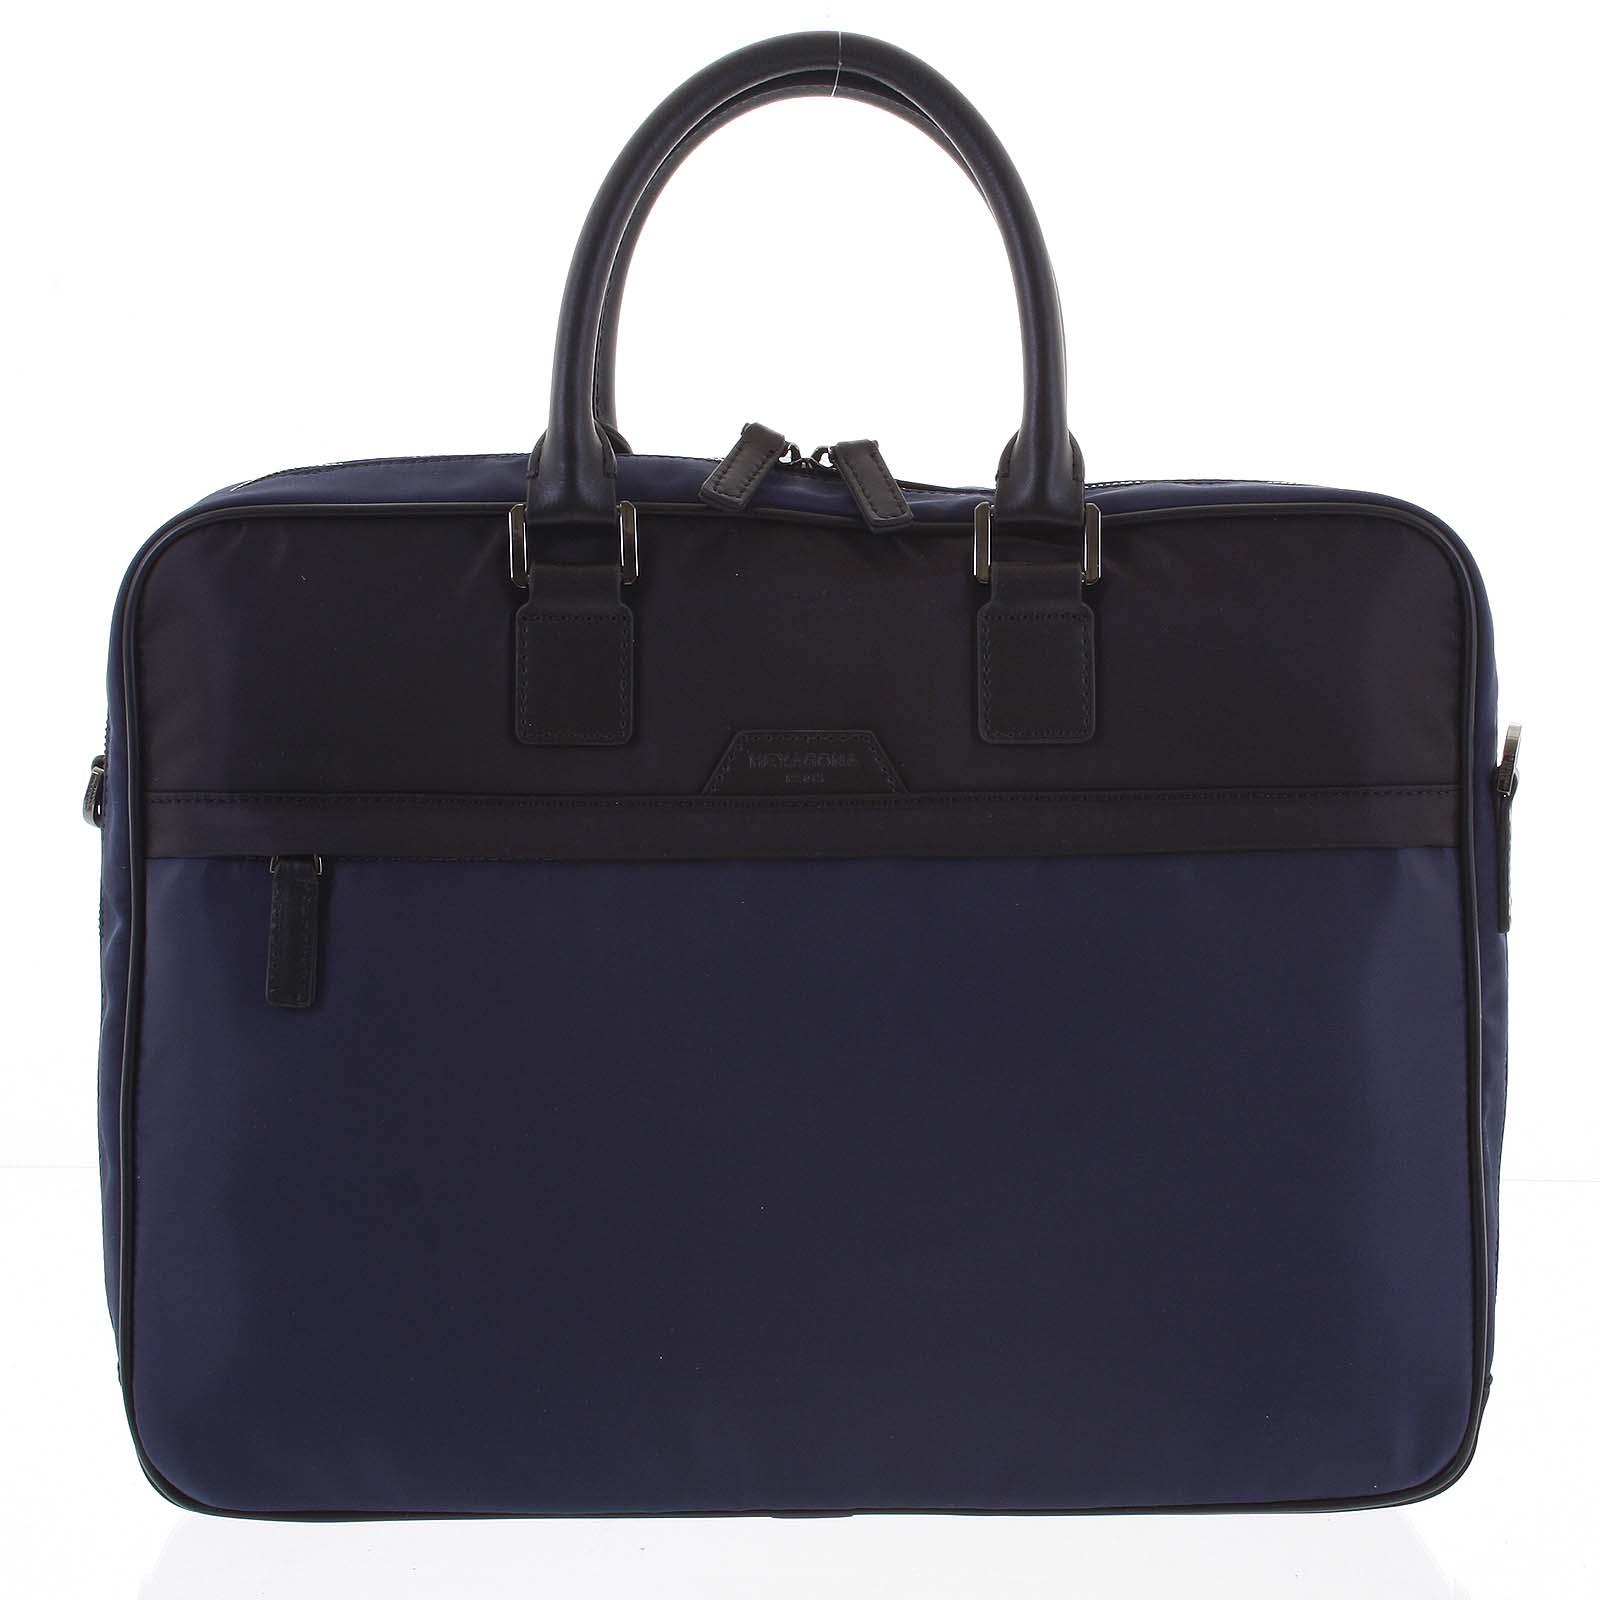 Pánska taška na notebook modro čierna - Hexagona Aslan modrá